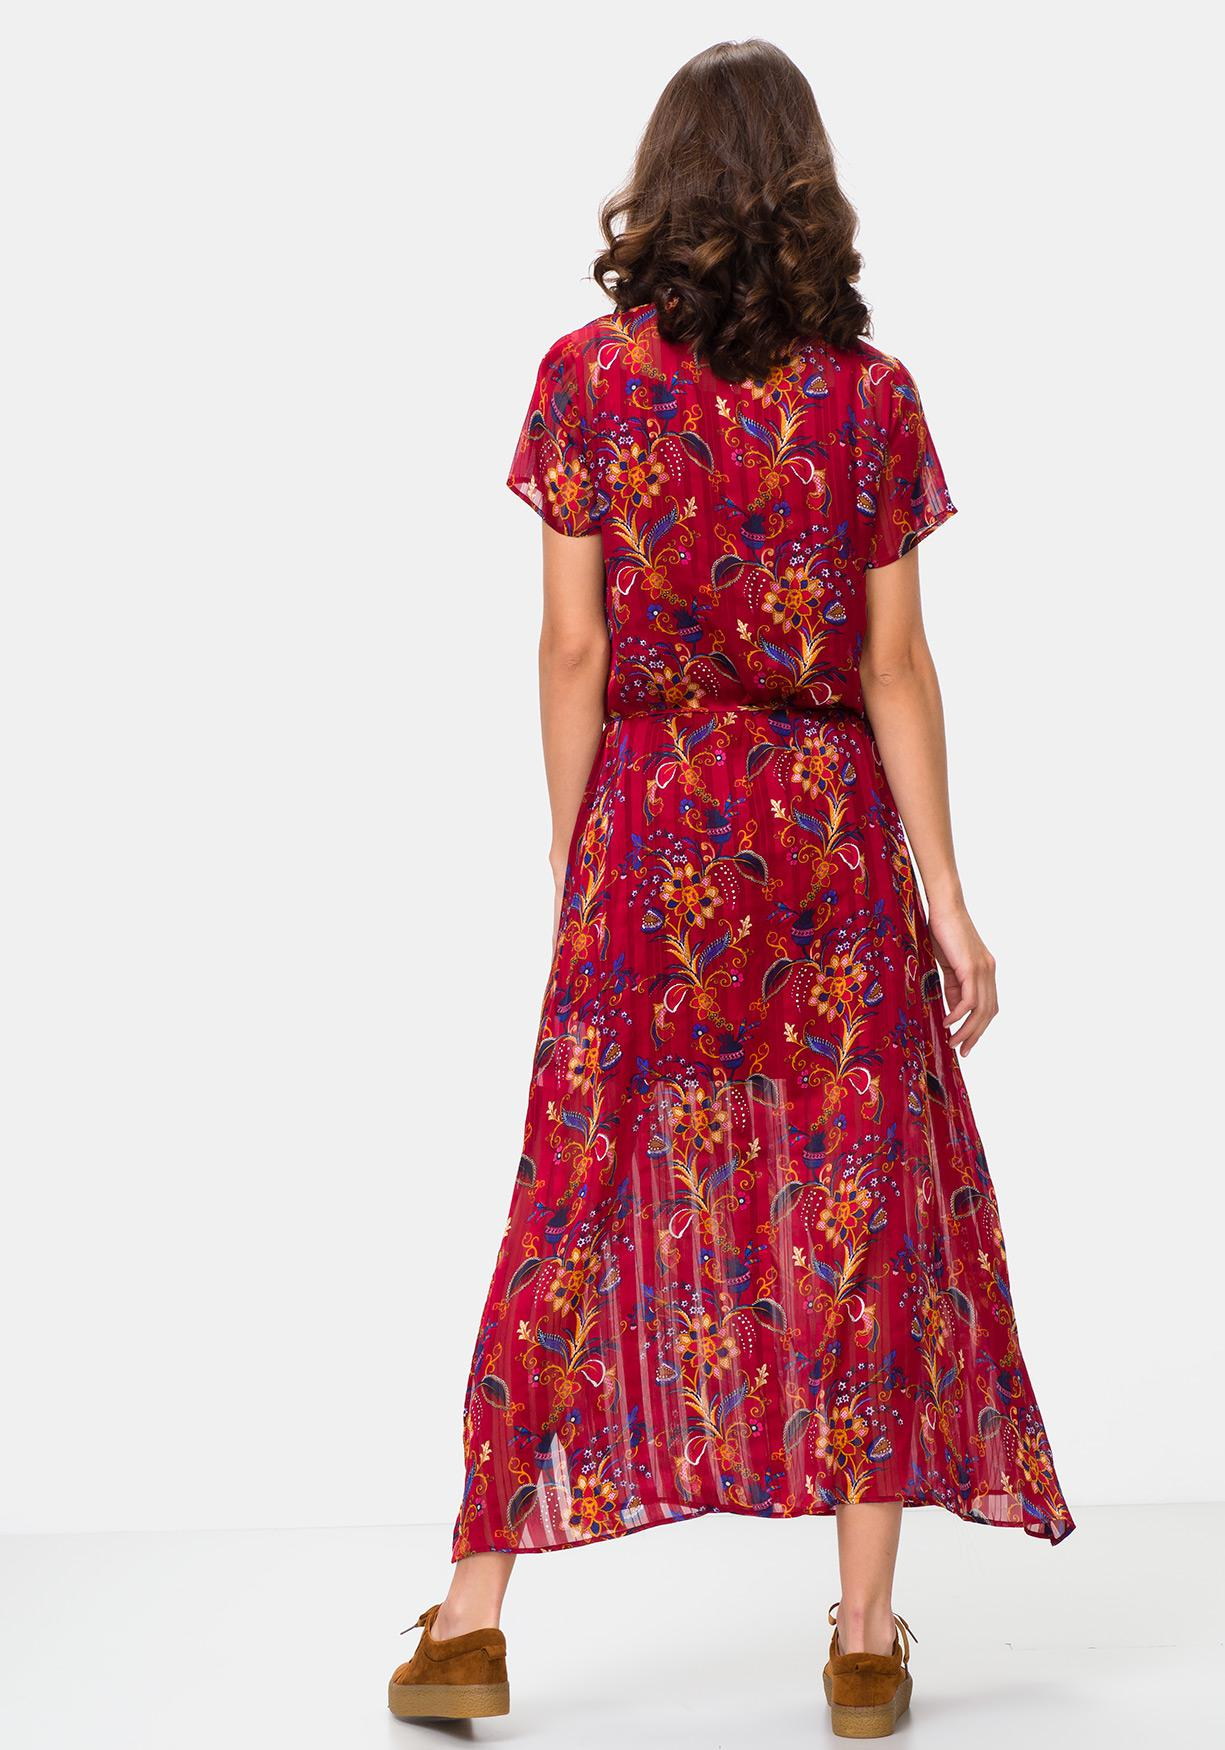 Comprar Vestido largo estampado TEX. ¡Aprovéchate de nuestros ... 1795d46771c6